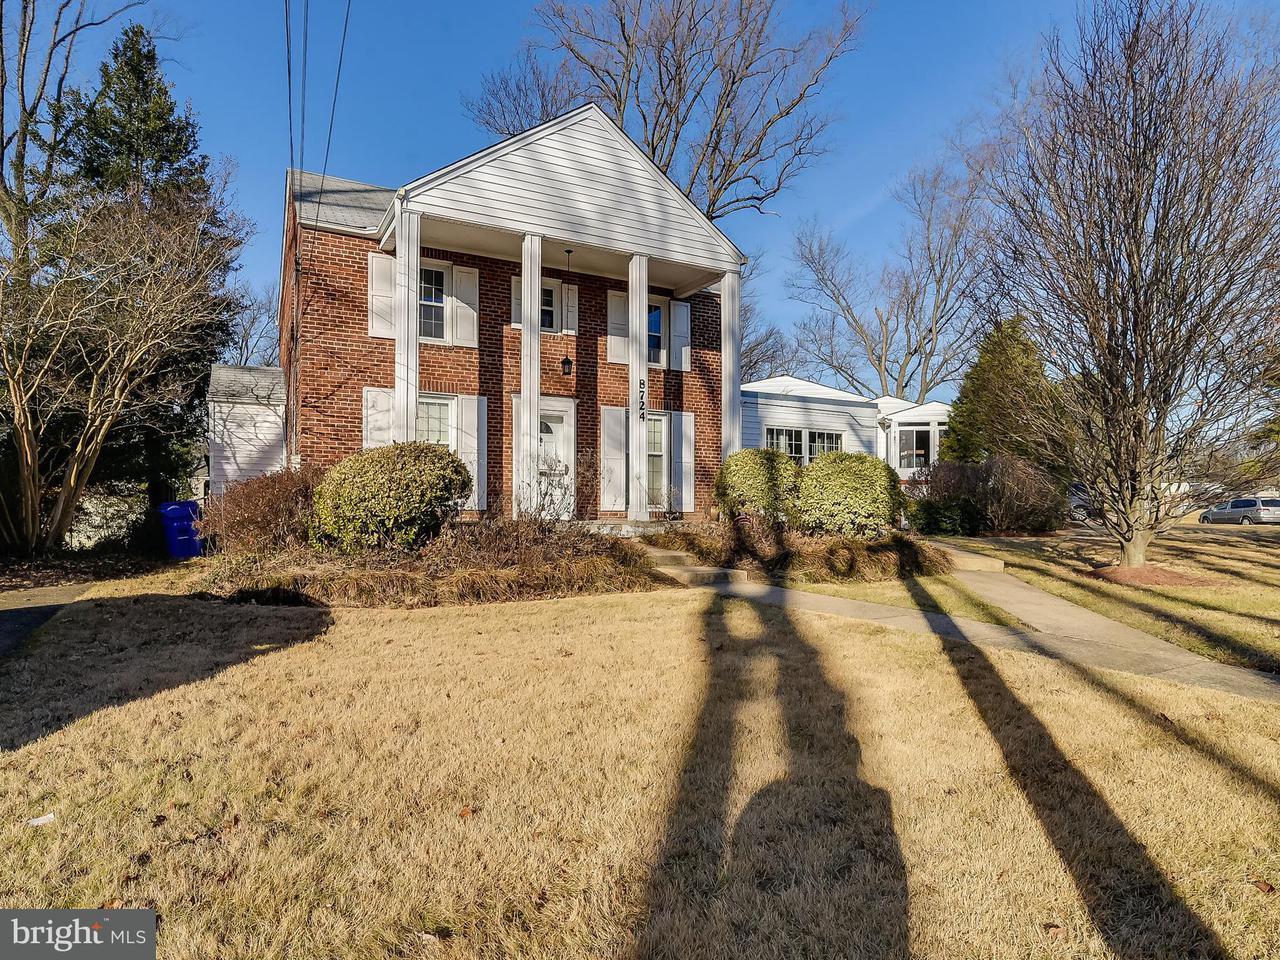 一戸建て のために 売買 アット 8724 Milford Avenue 8724 Milford Avenue Silver Spring, メリーランド 20910 アメリカ合衆国